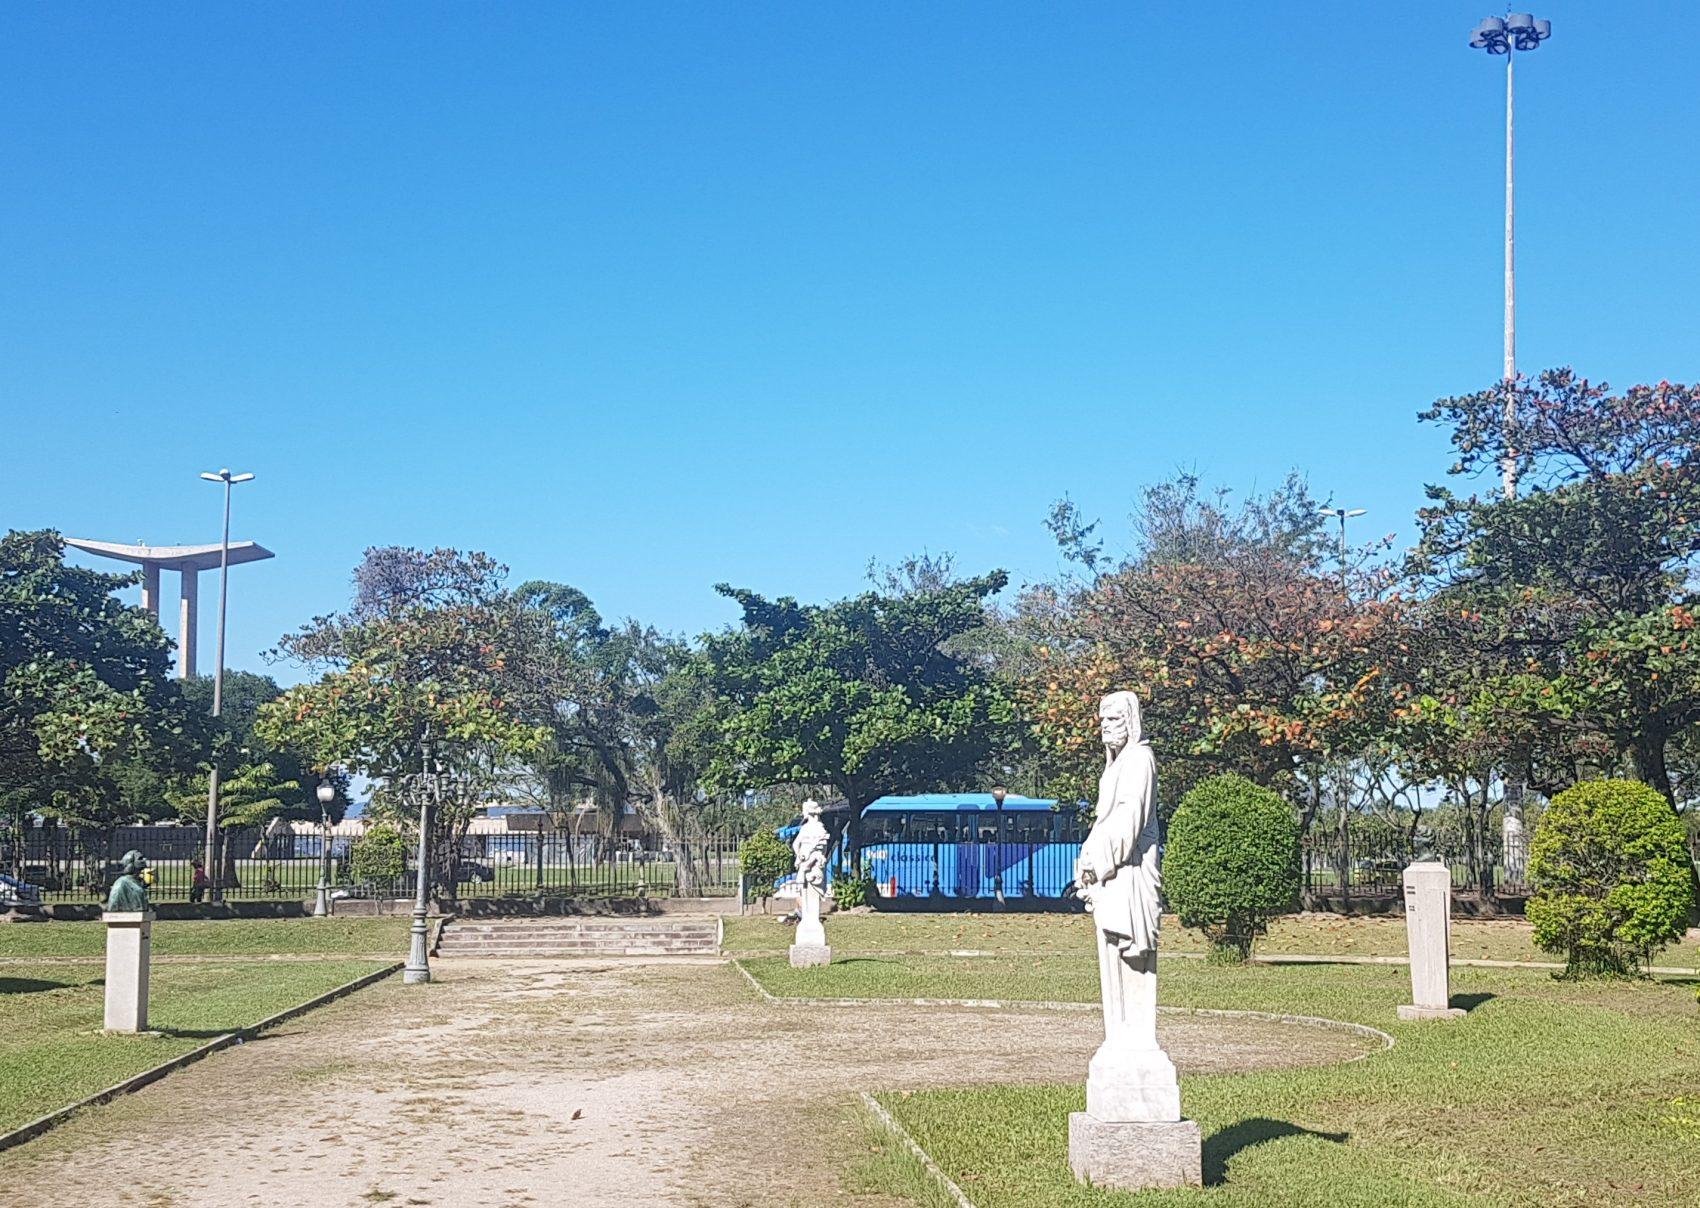 Estátuas em mármore, cópias do Jardim de Versalhes: praça no meio de pistas para automóveis (Foto: Oscar Valporto)